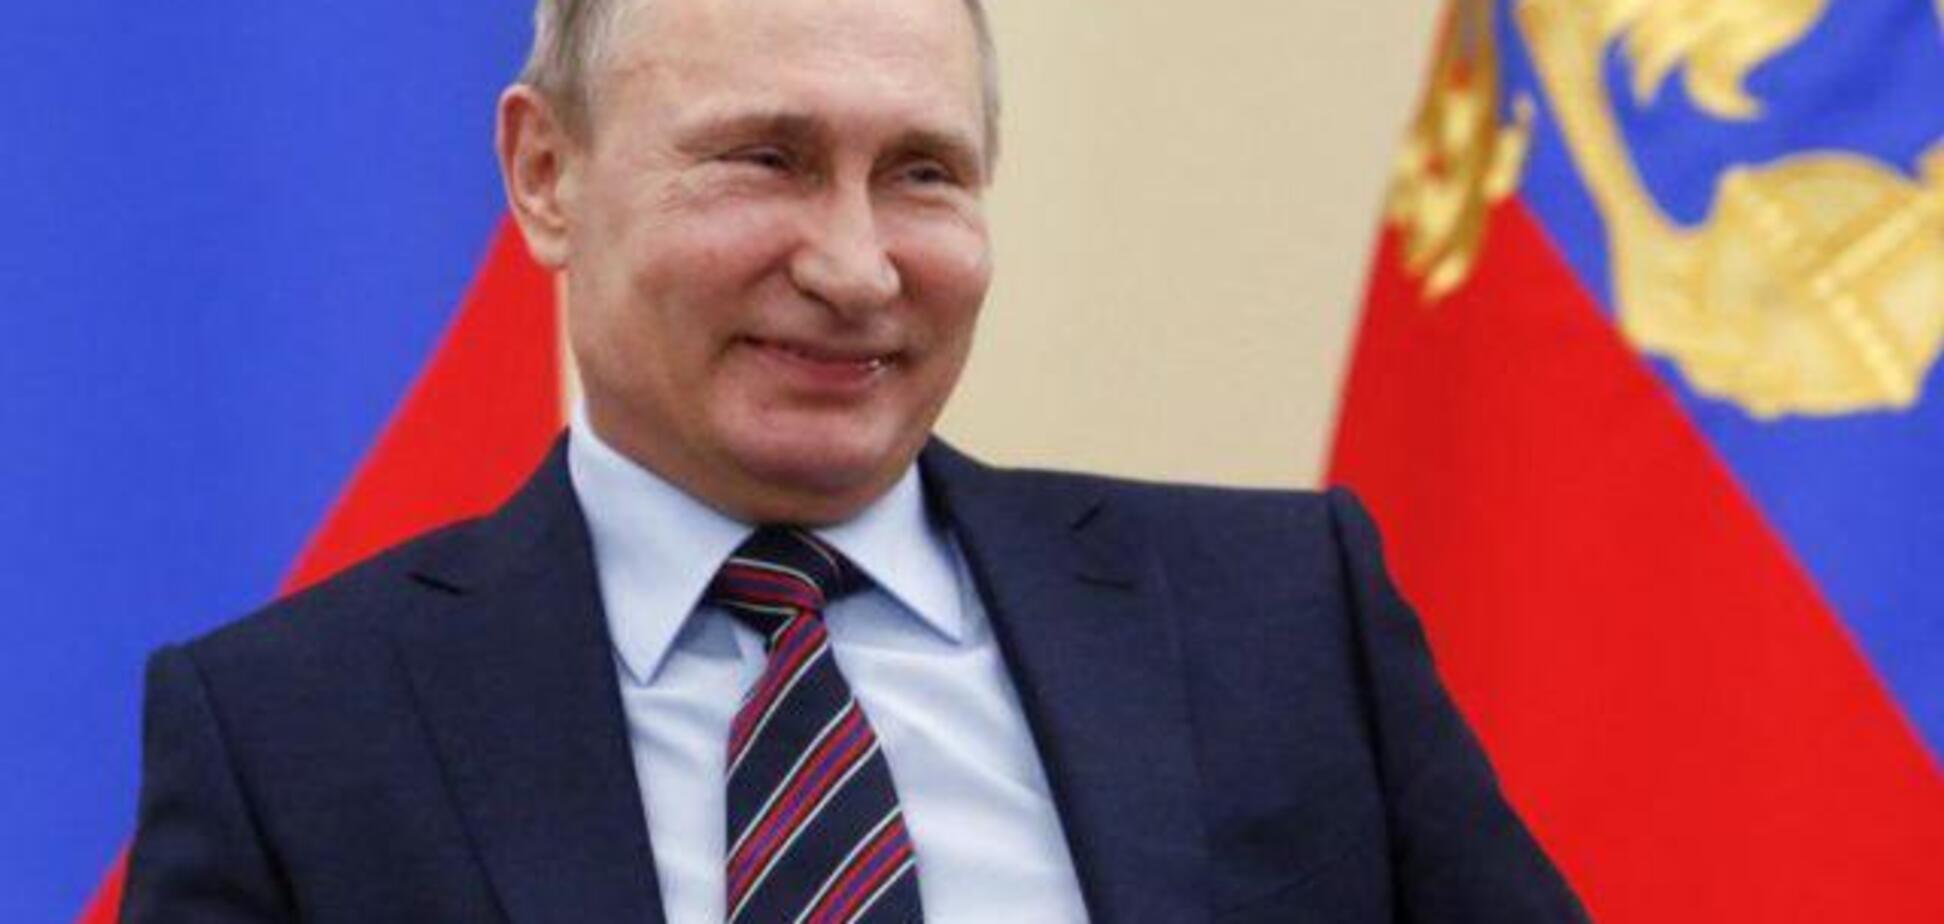 Обстріл українських кораблів: Путін вперше прокоментував агресію у Чорному морі